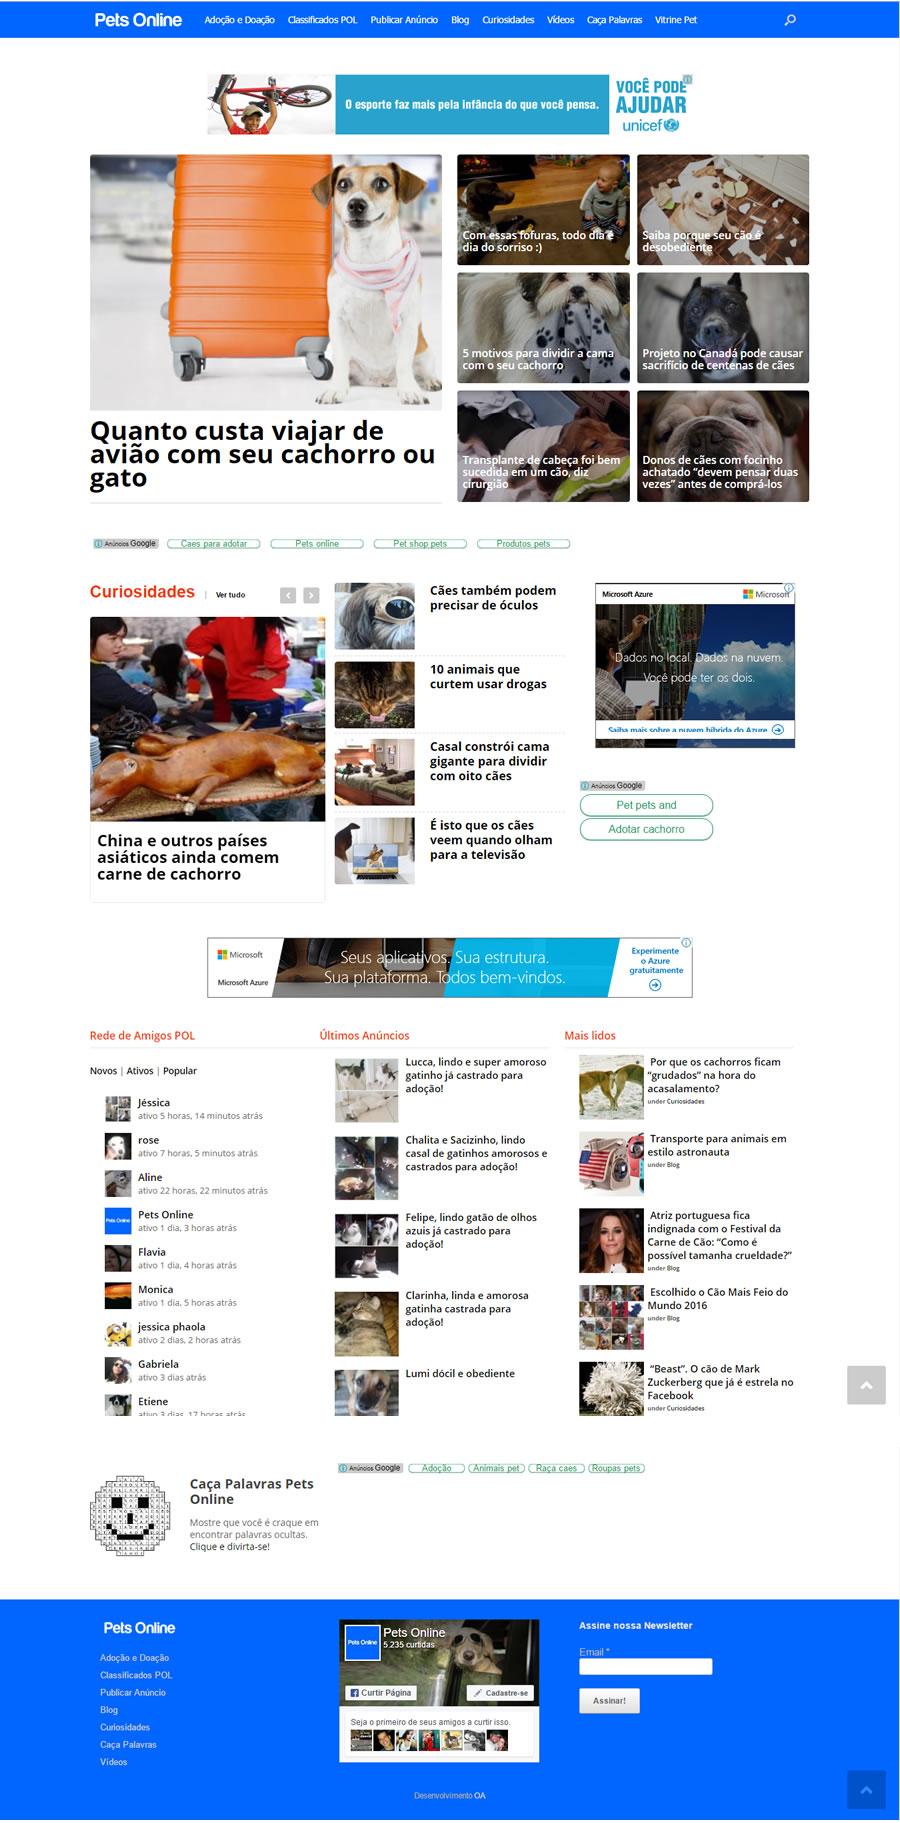 Portal Pets Online